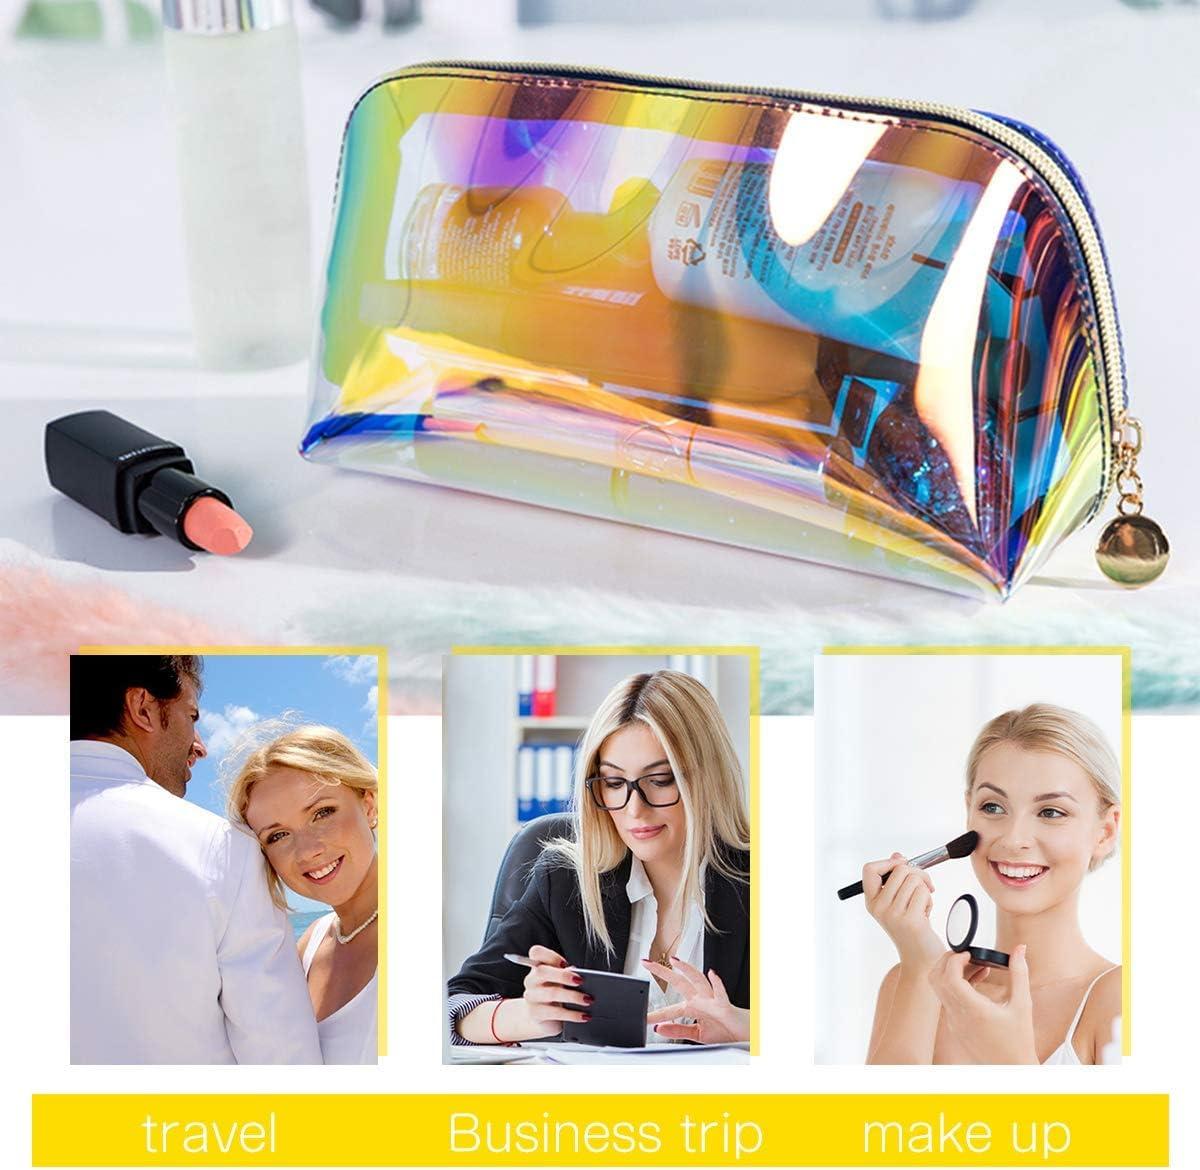 Ecole Sac de Rangement pour Bureau Homealexa 2PCS Trousse de Maquillage Transparente Grande Capacit/é Bo/îte de Maquillage Papeterie Trousse /à Crayons